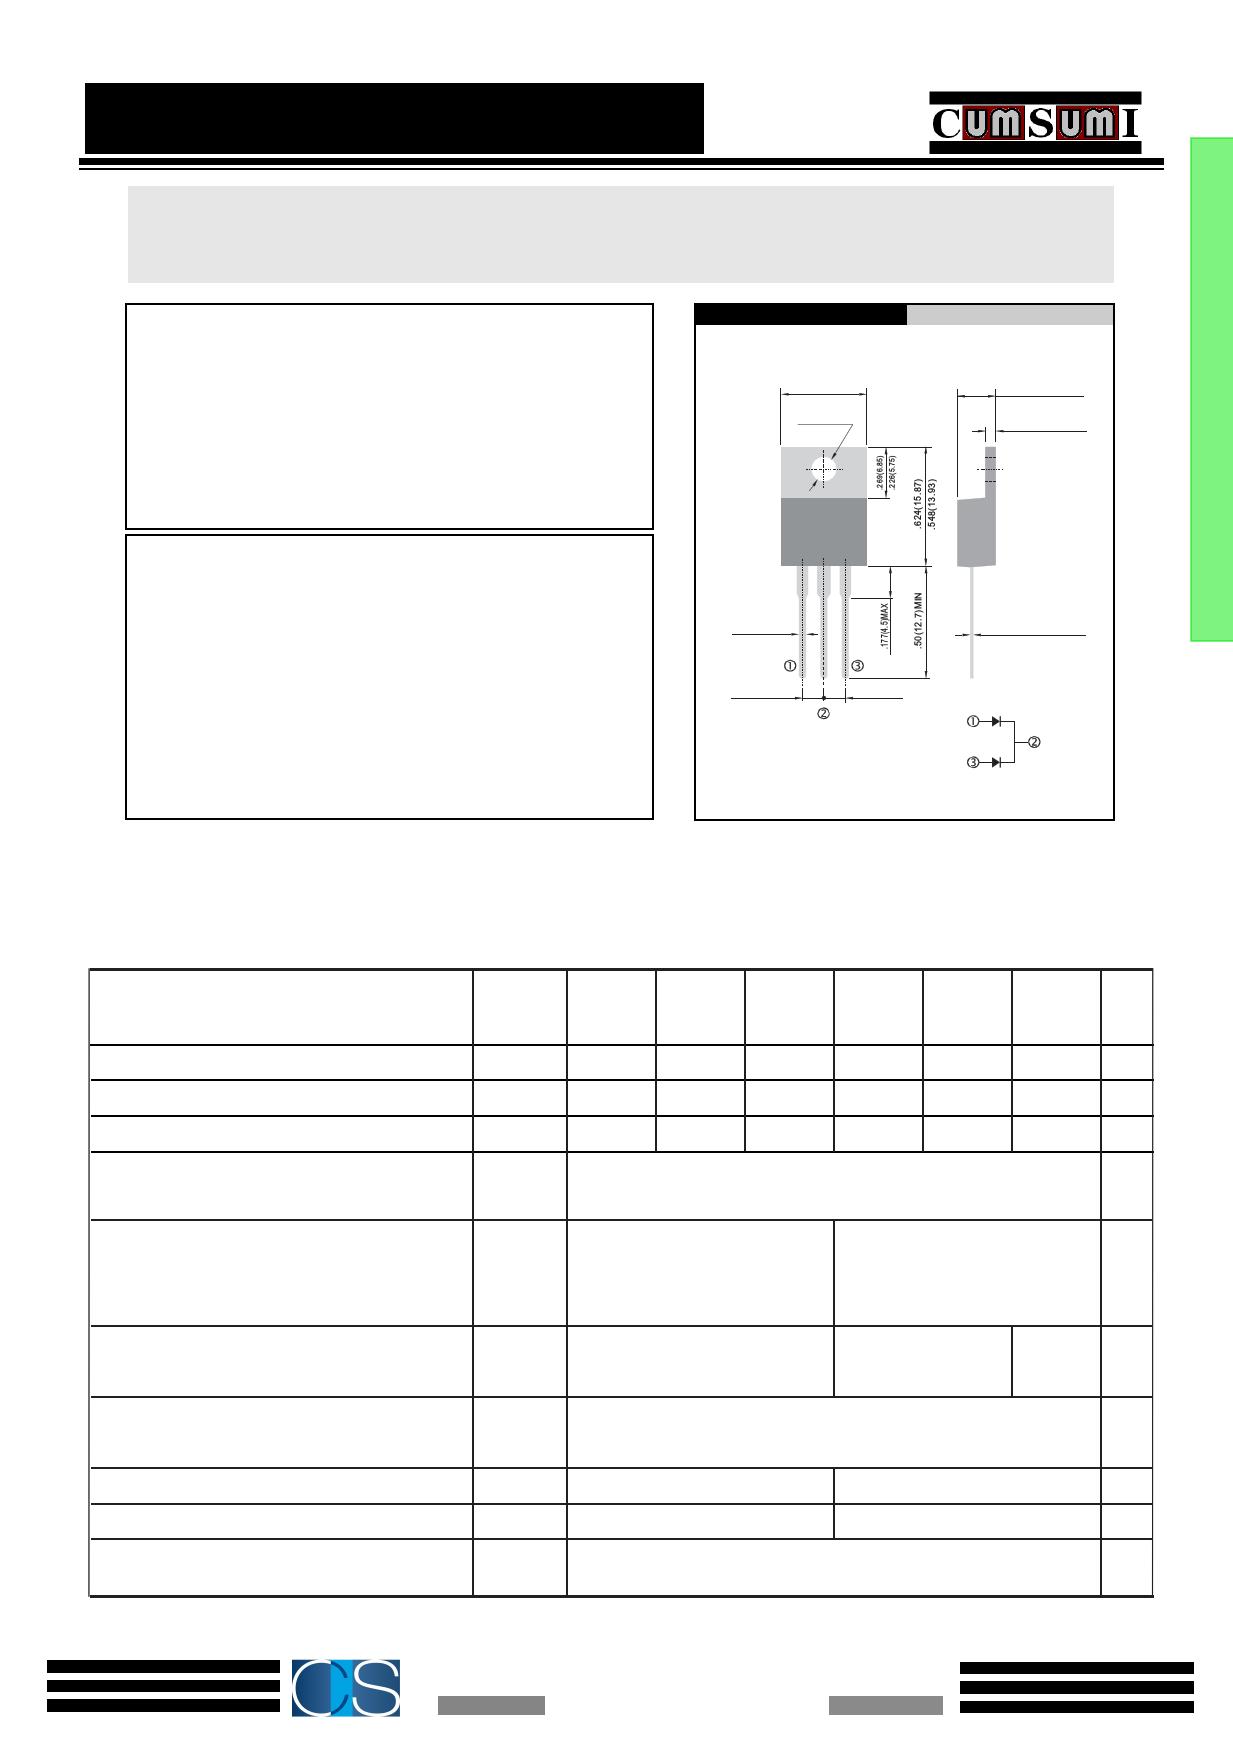 UF2010CT datasheet